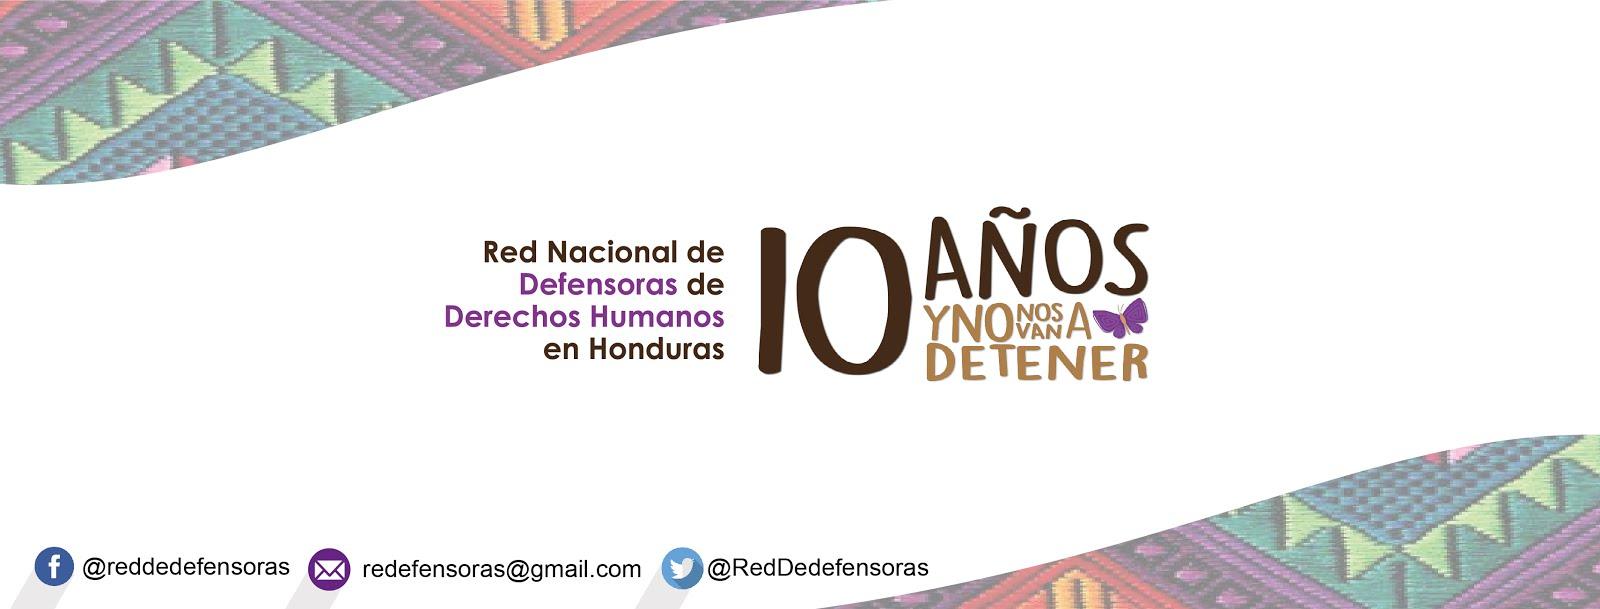 Red Nacional de Defensoras de Derechos Humanos en Honduras